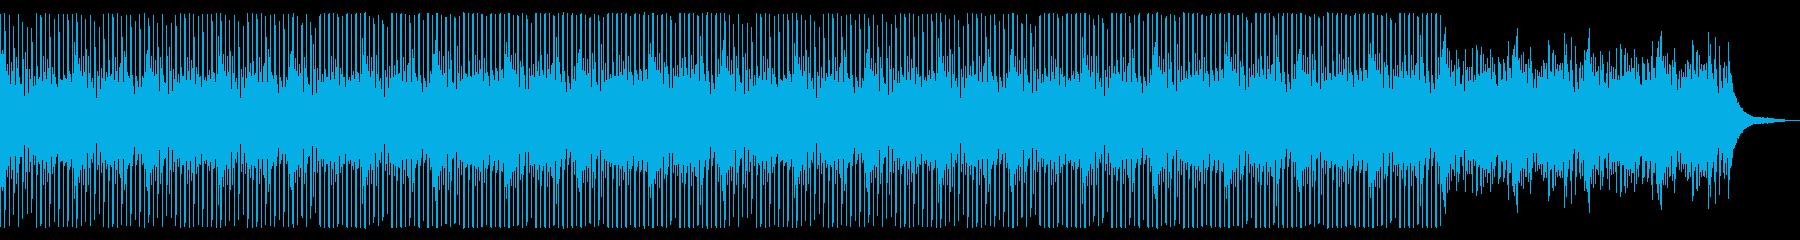 シンセ無ver 新しい朝 爽やか ピアノの再生済みの波形